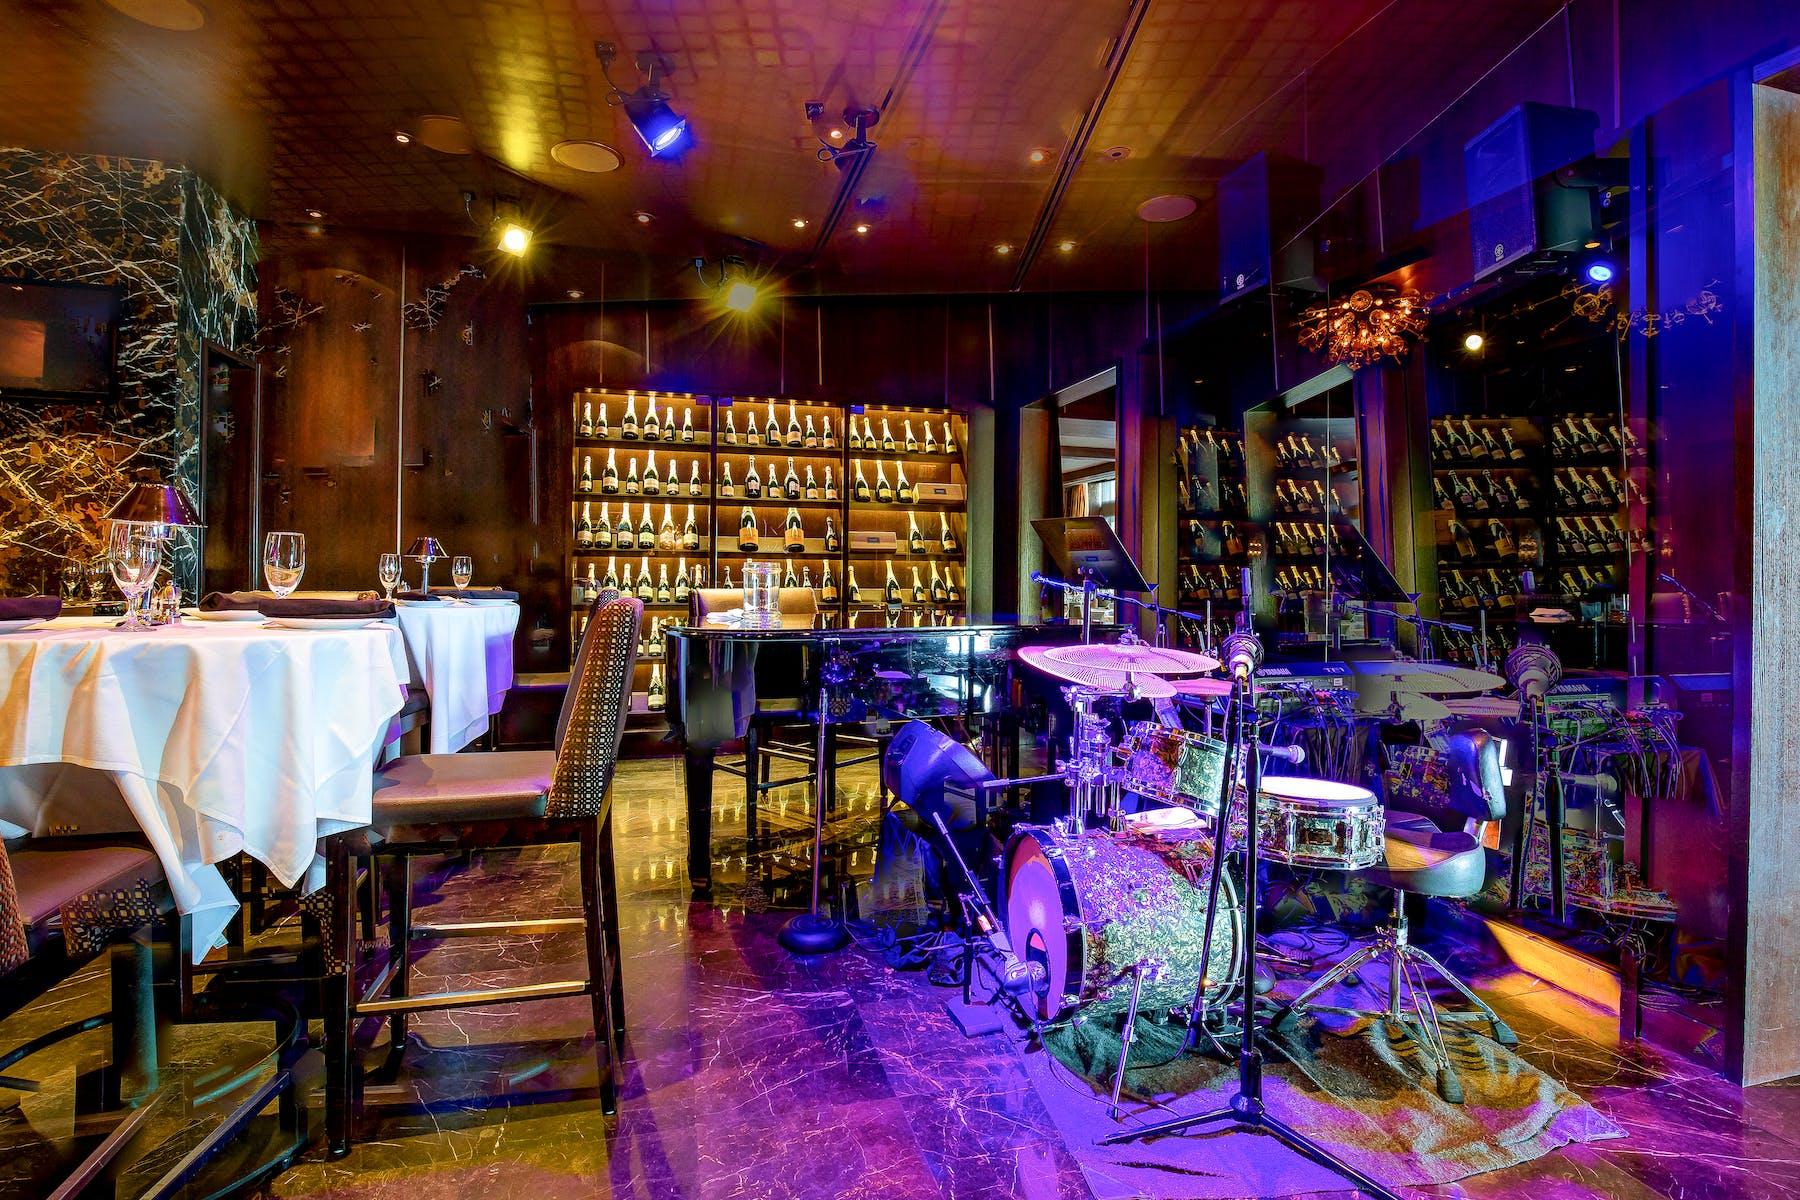 a dining room near a bar